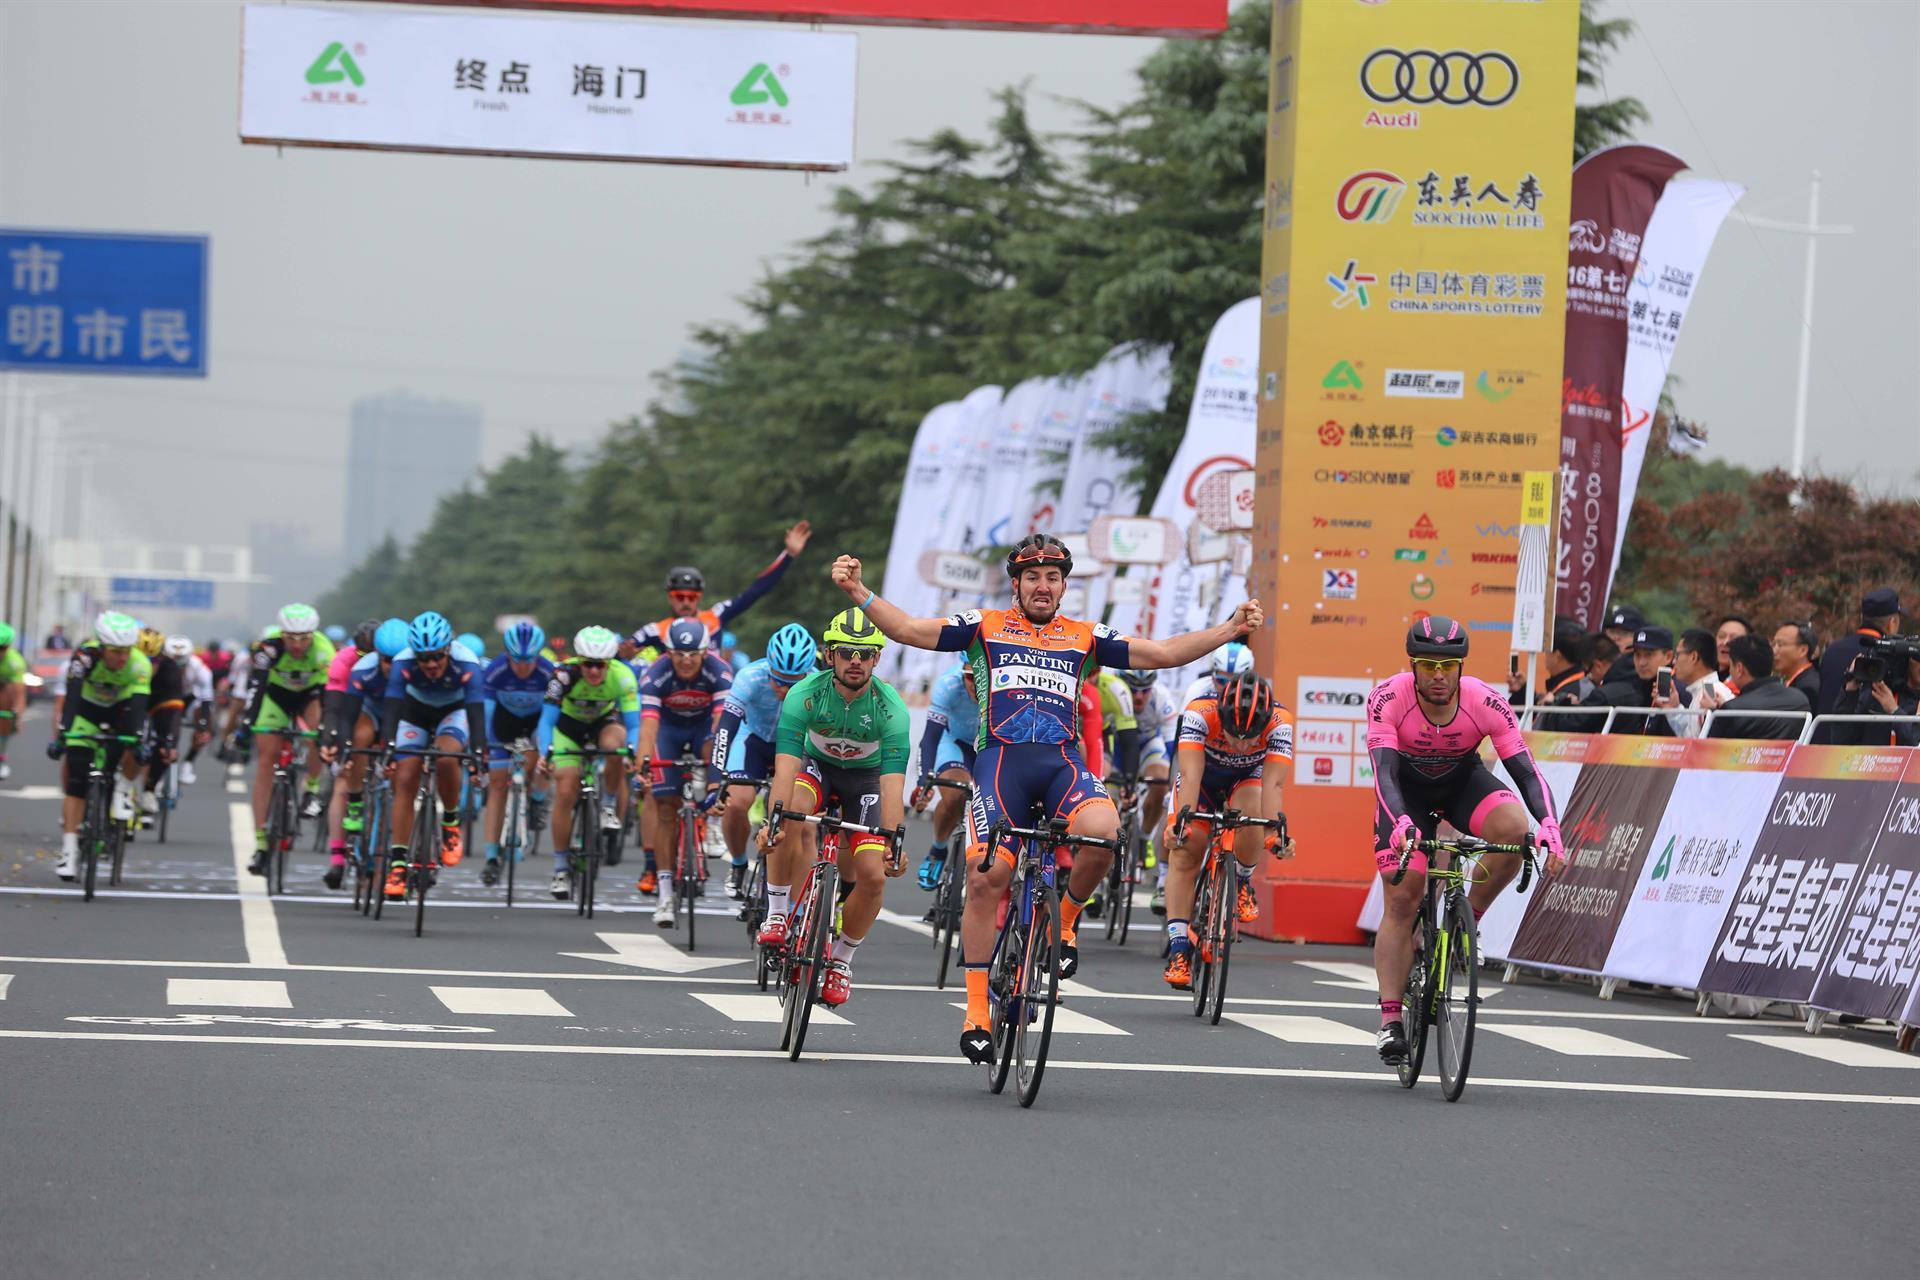 La vittoria di Eduard Grosu nella quinta tappa del Tour of Taihu Lake